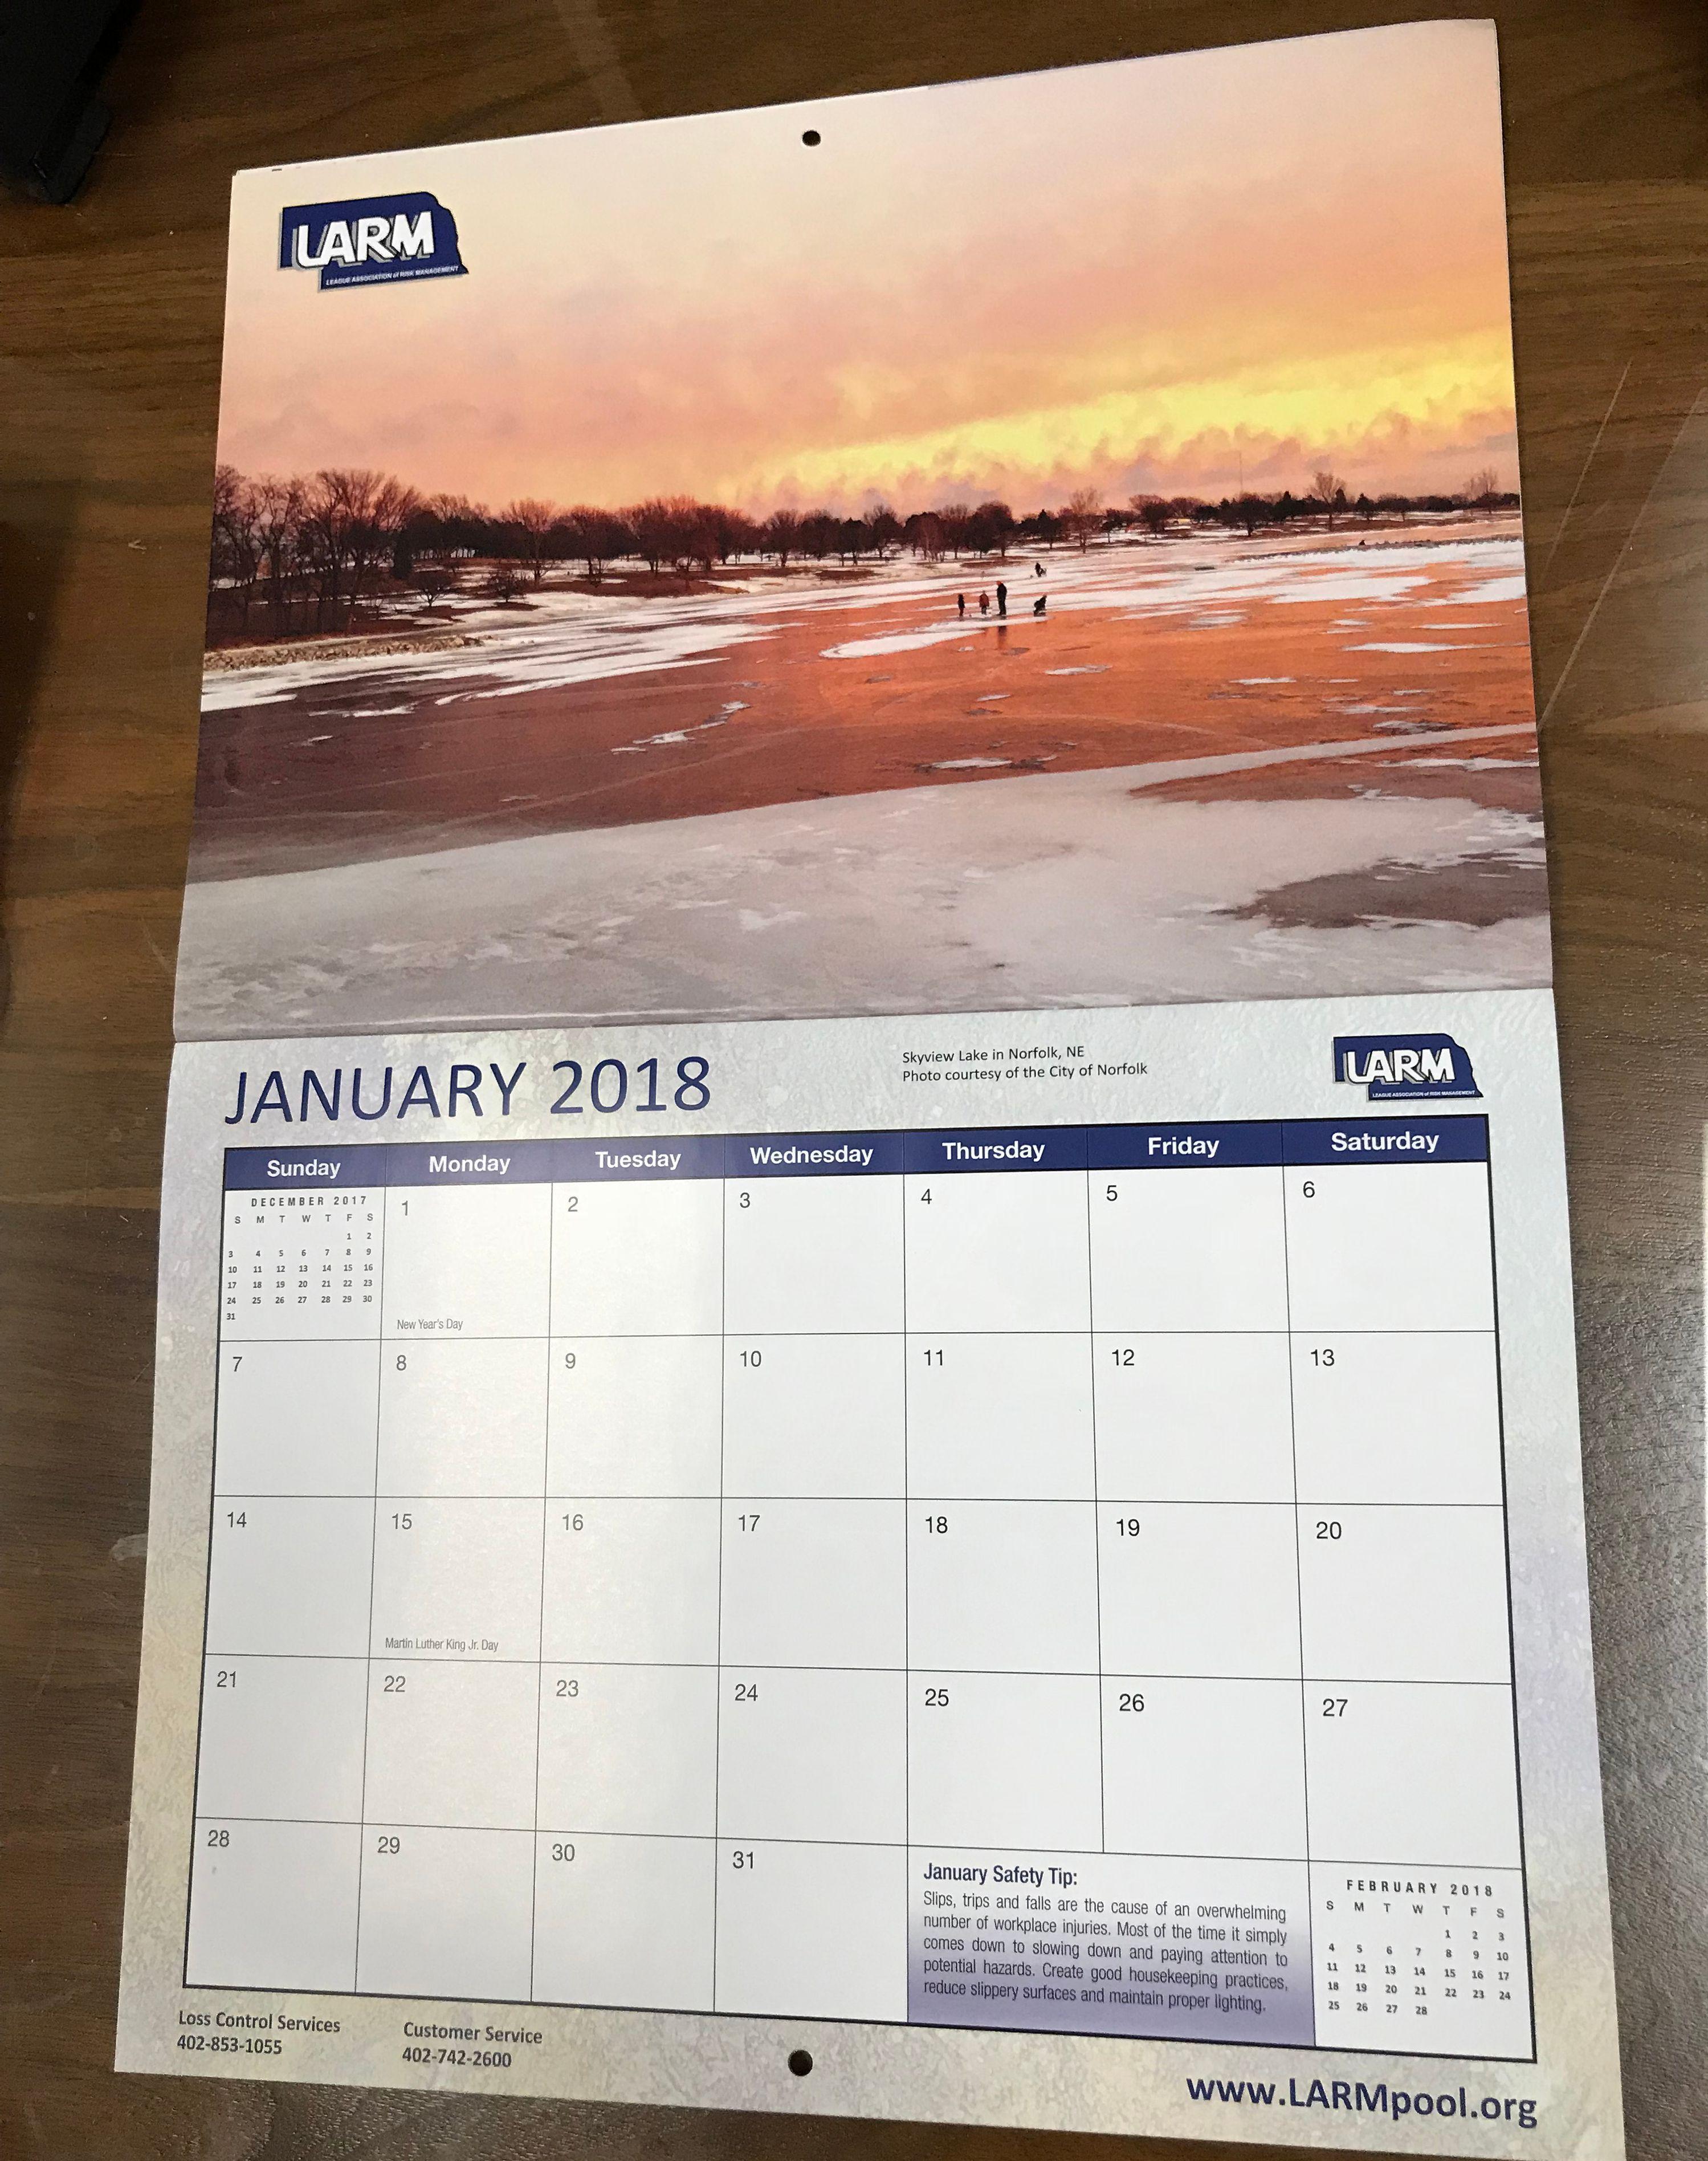 2018 LARM Calendars available